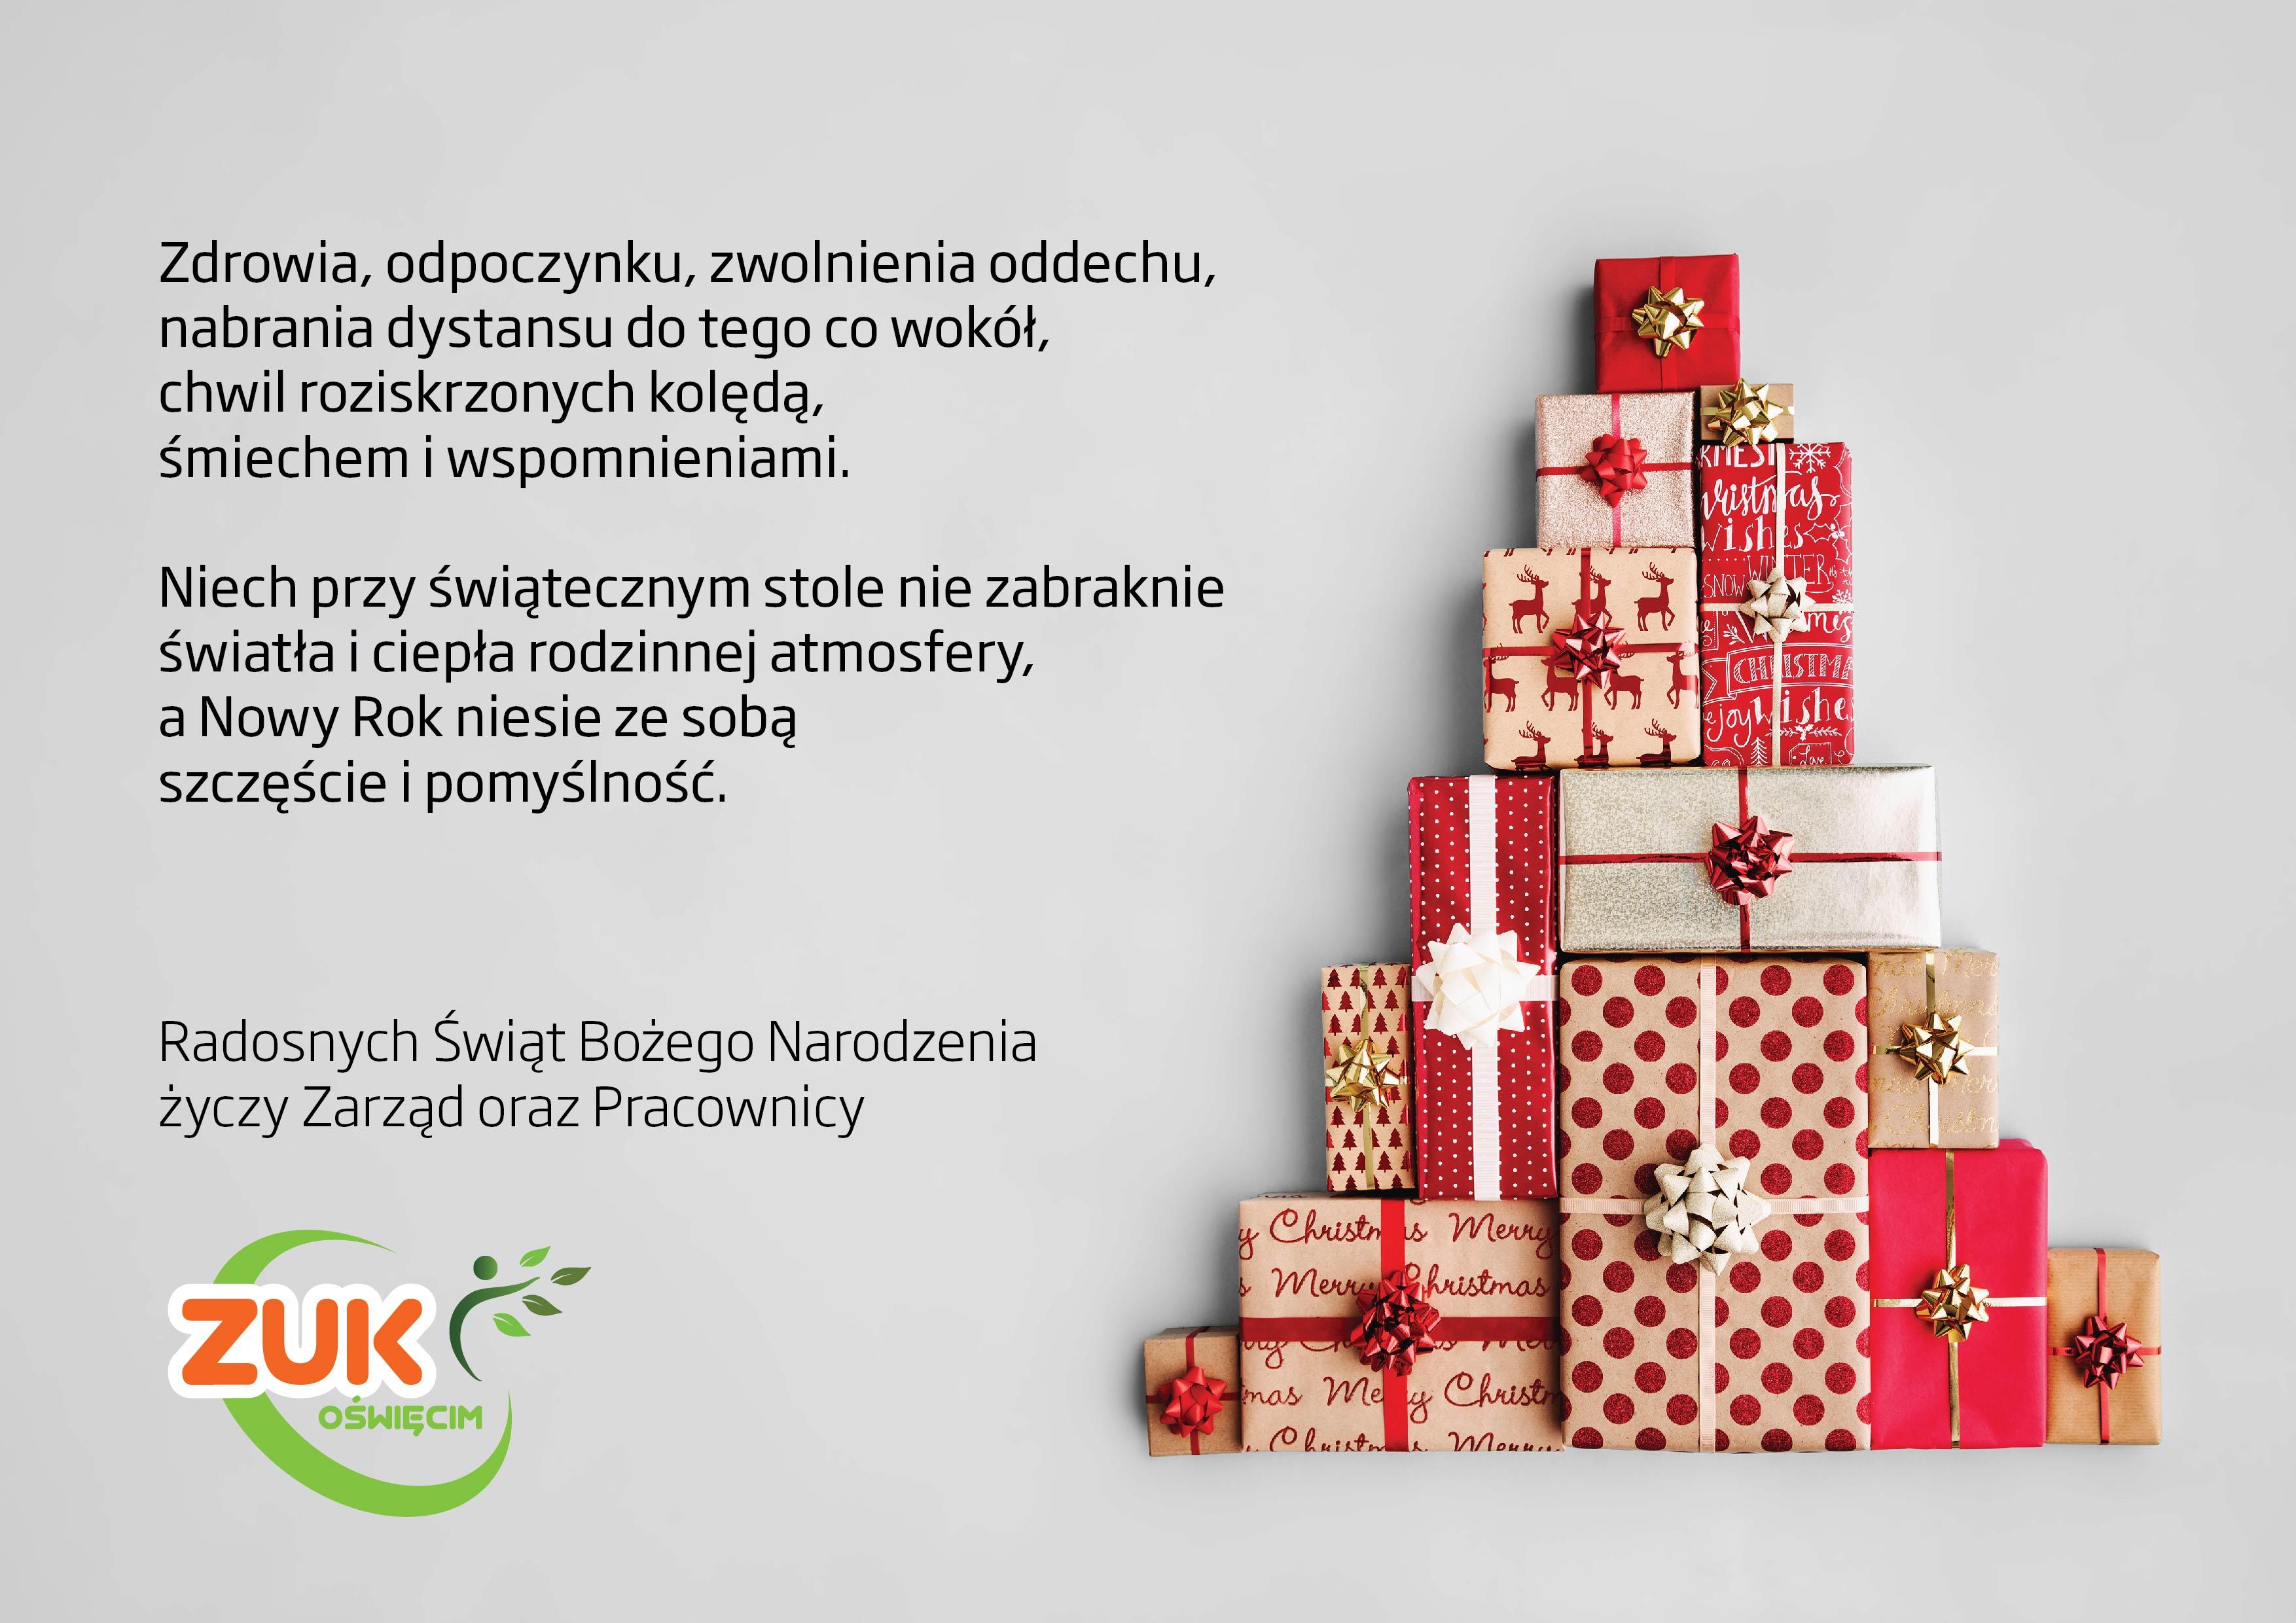 ŚWIĘTA. Życzenia świąteczno-noworoczne od Zakładu Usług Komunalnych w Oświęcimiu